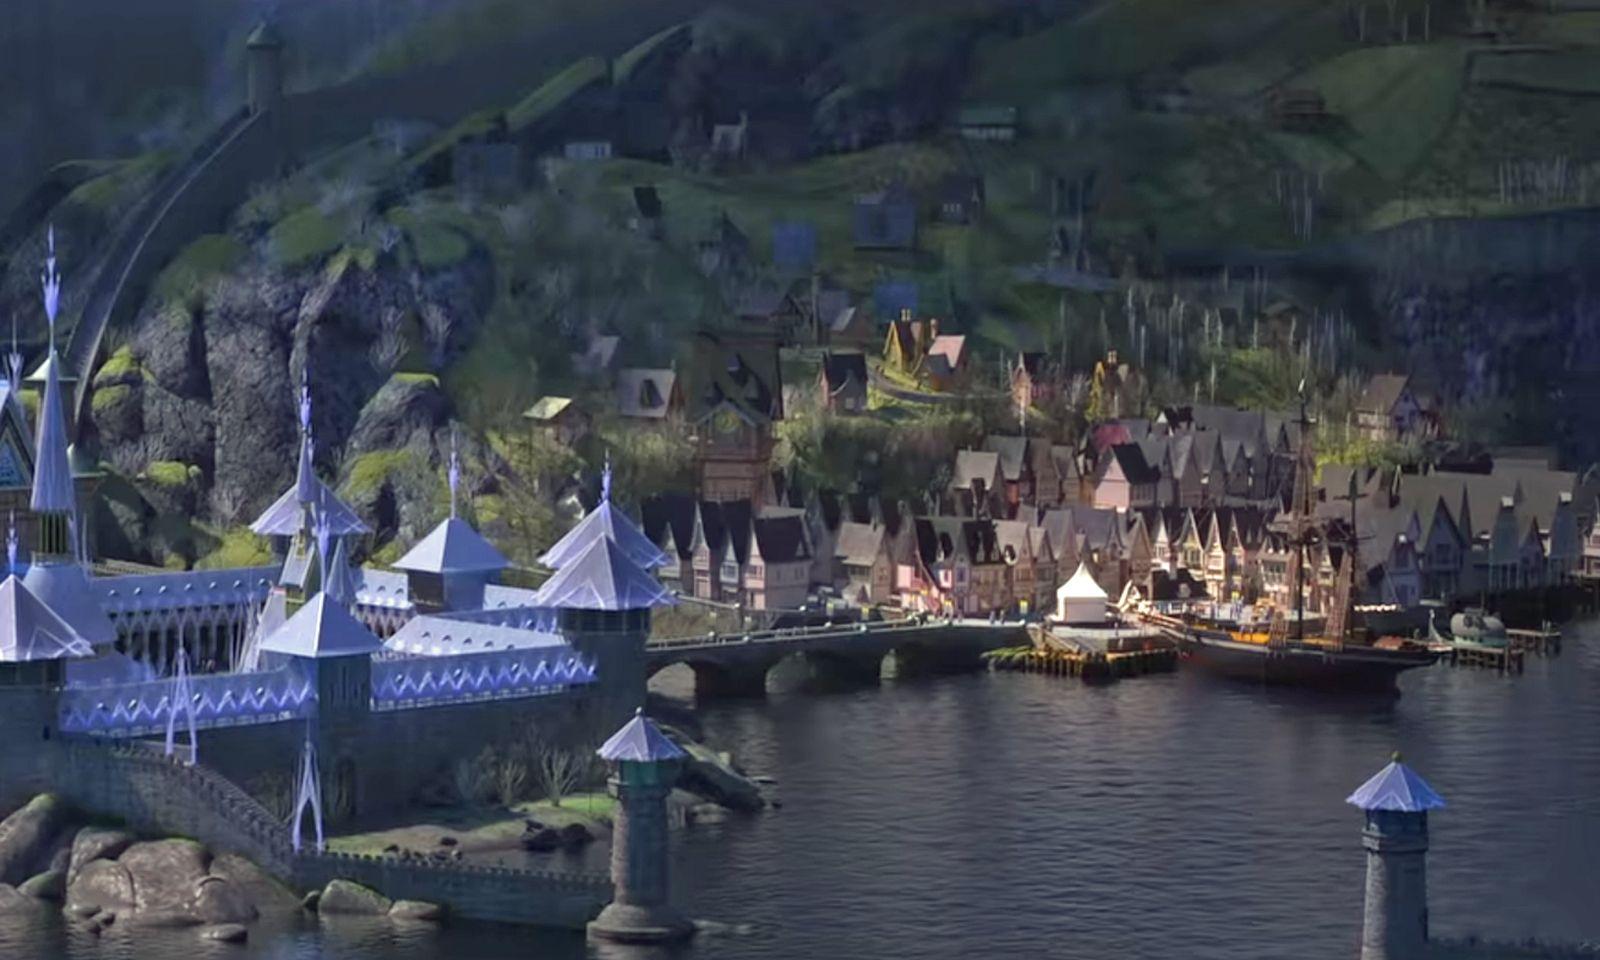 Die Stadt im Film.